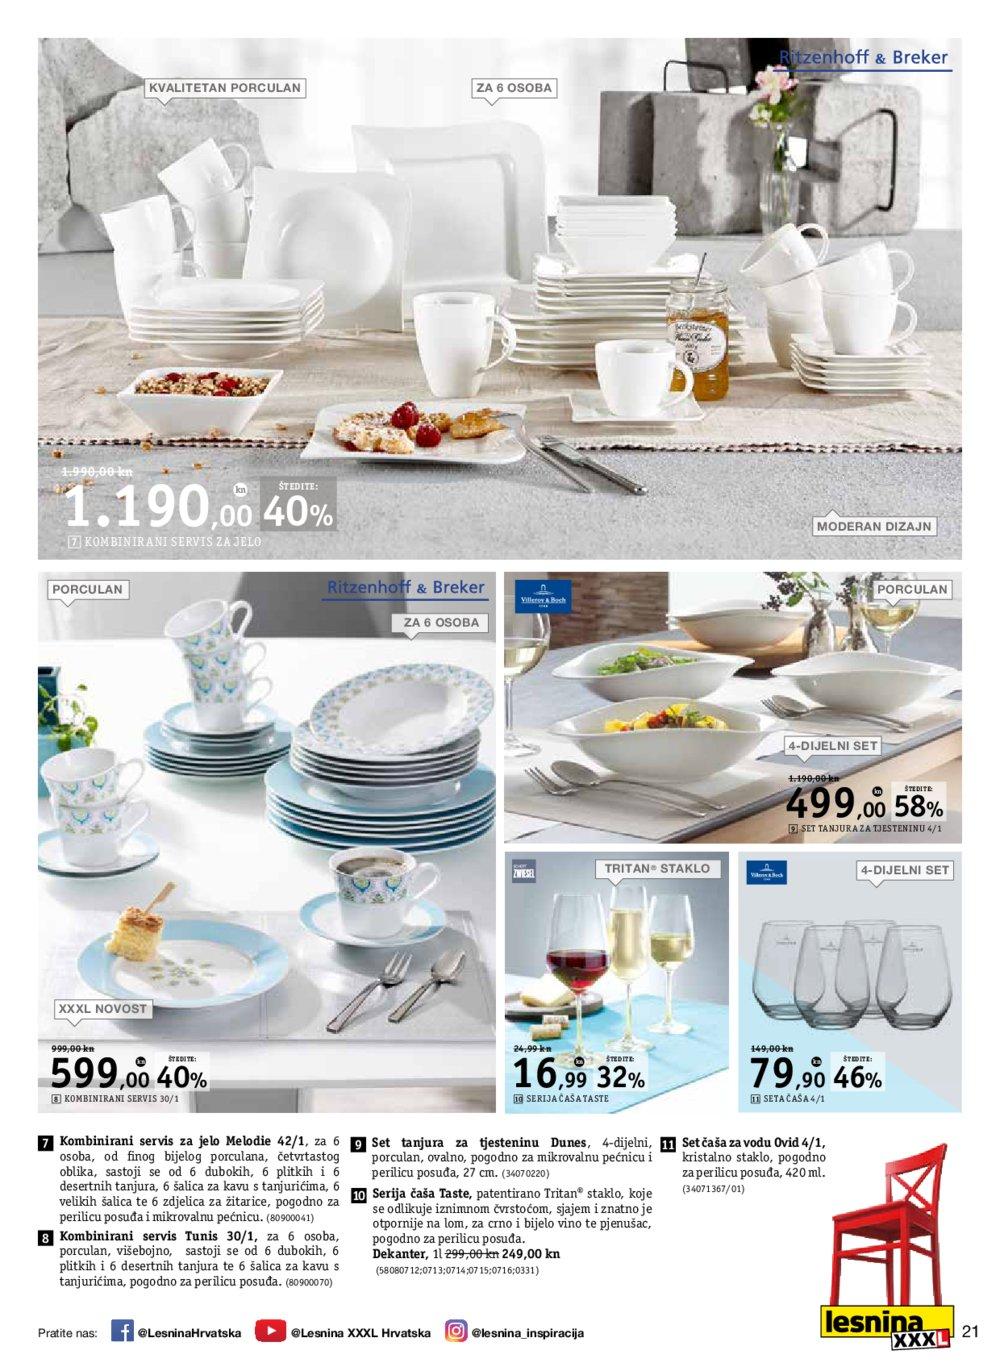 Lesnina katalog Po kuhinju u Lesninu do 22.05.2017.